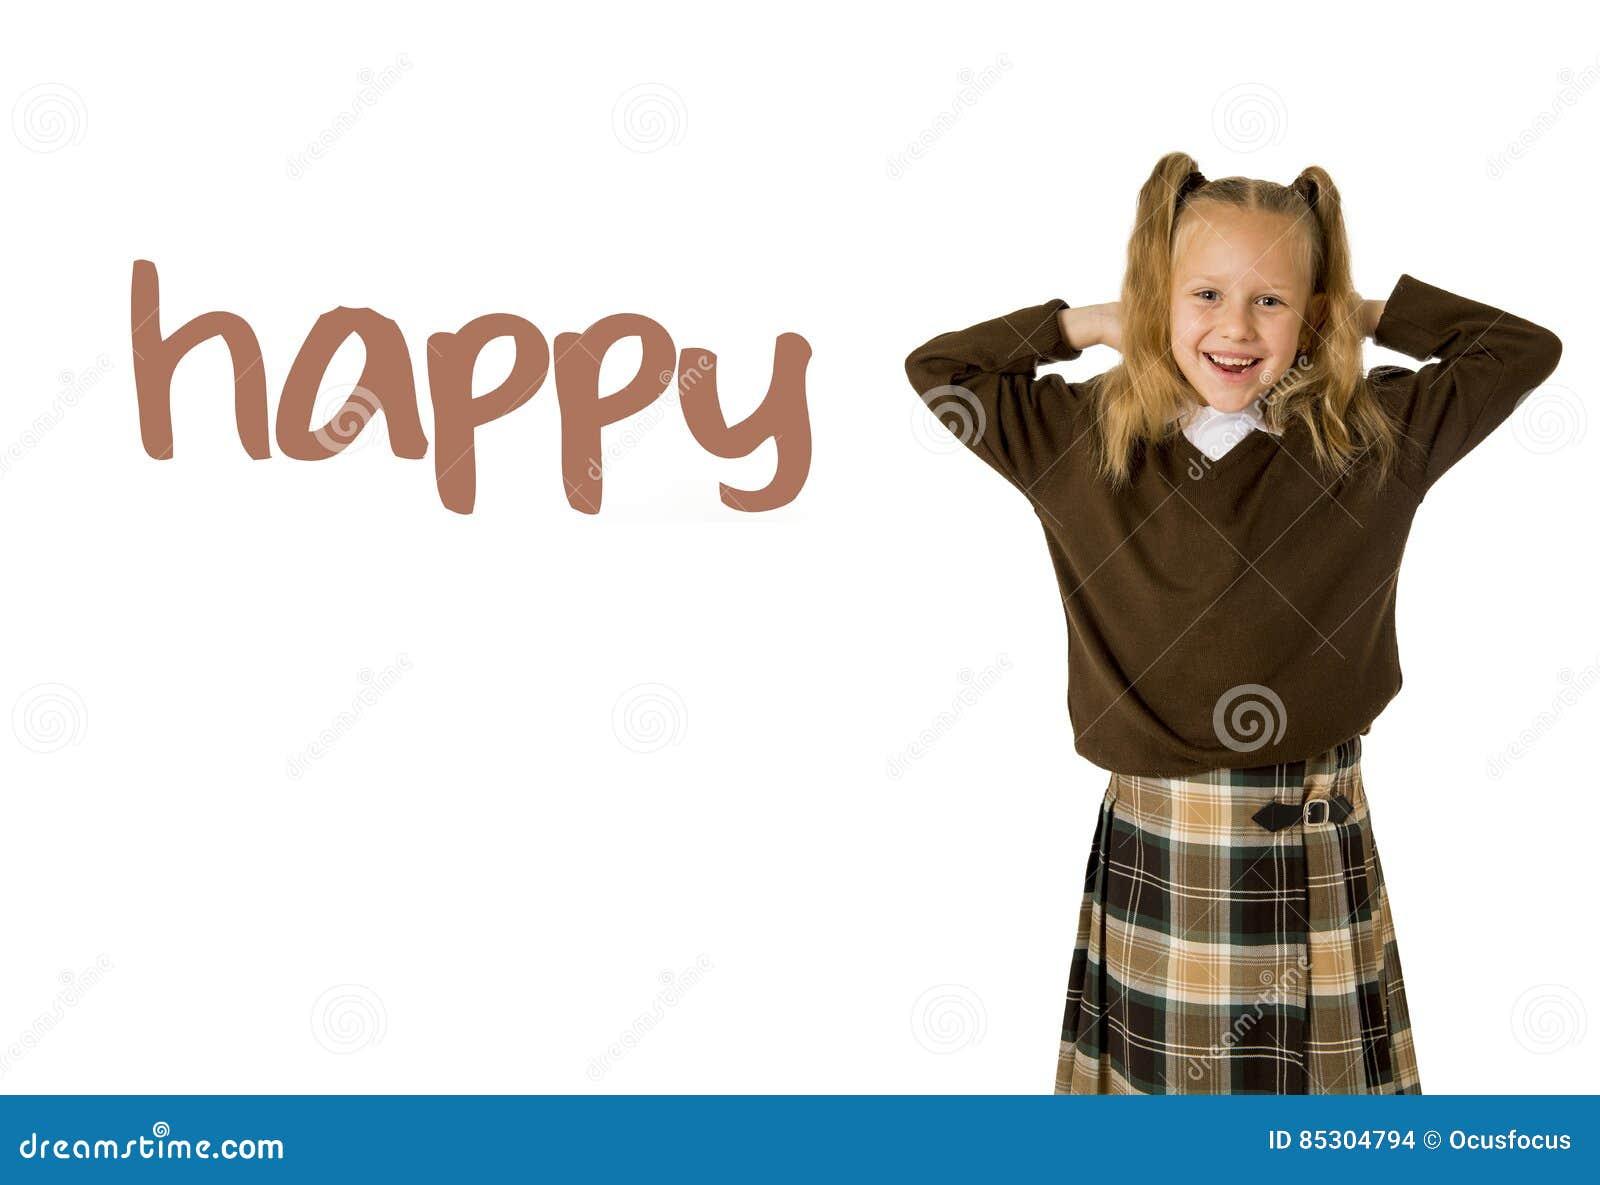 Englische Erlernen- der Sprachevokabularschulkarte des jungen schönen glücklichen weiblichen Kindes